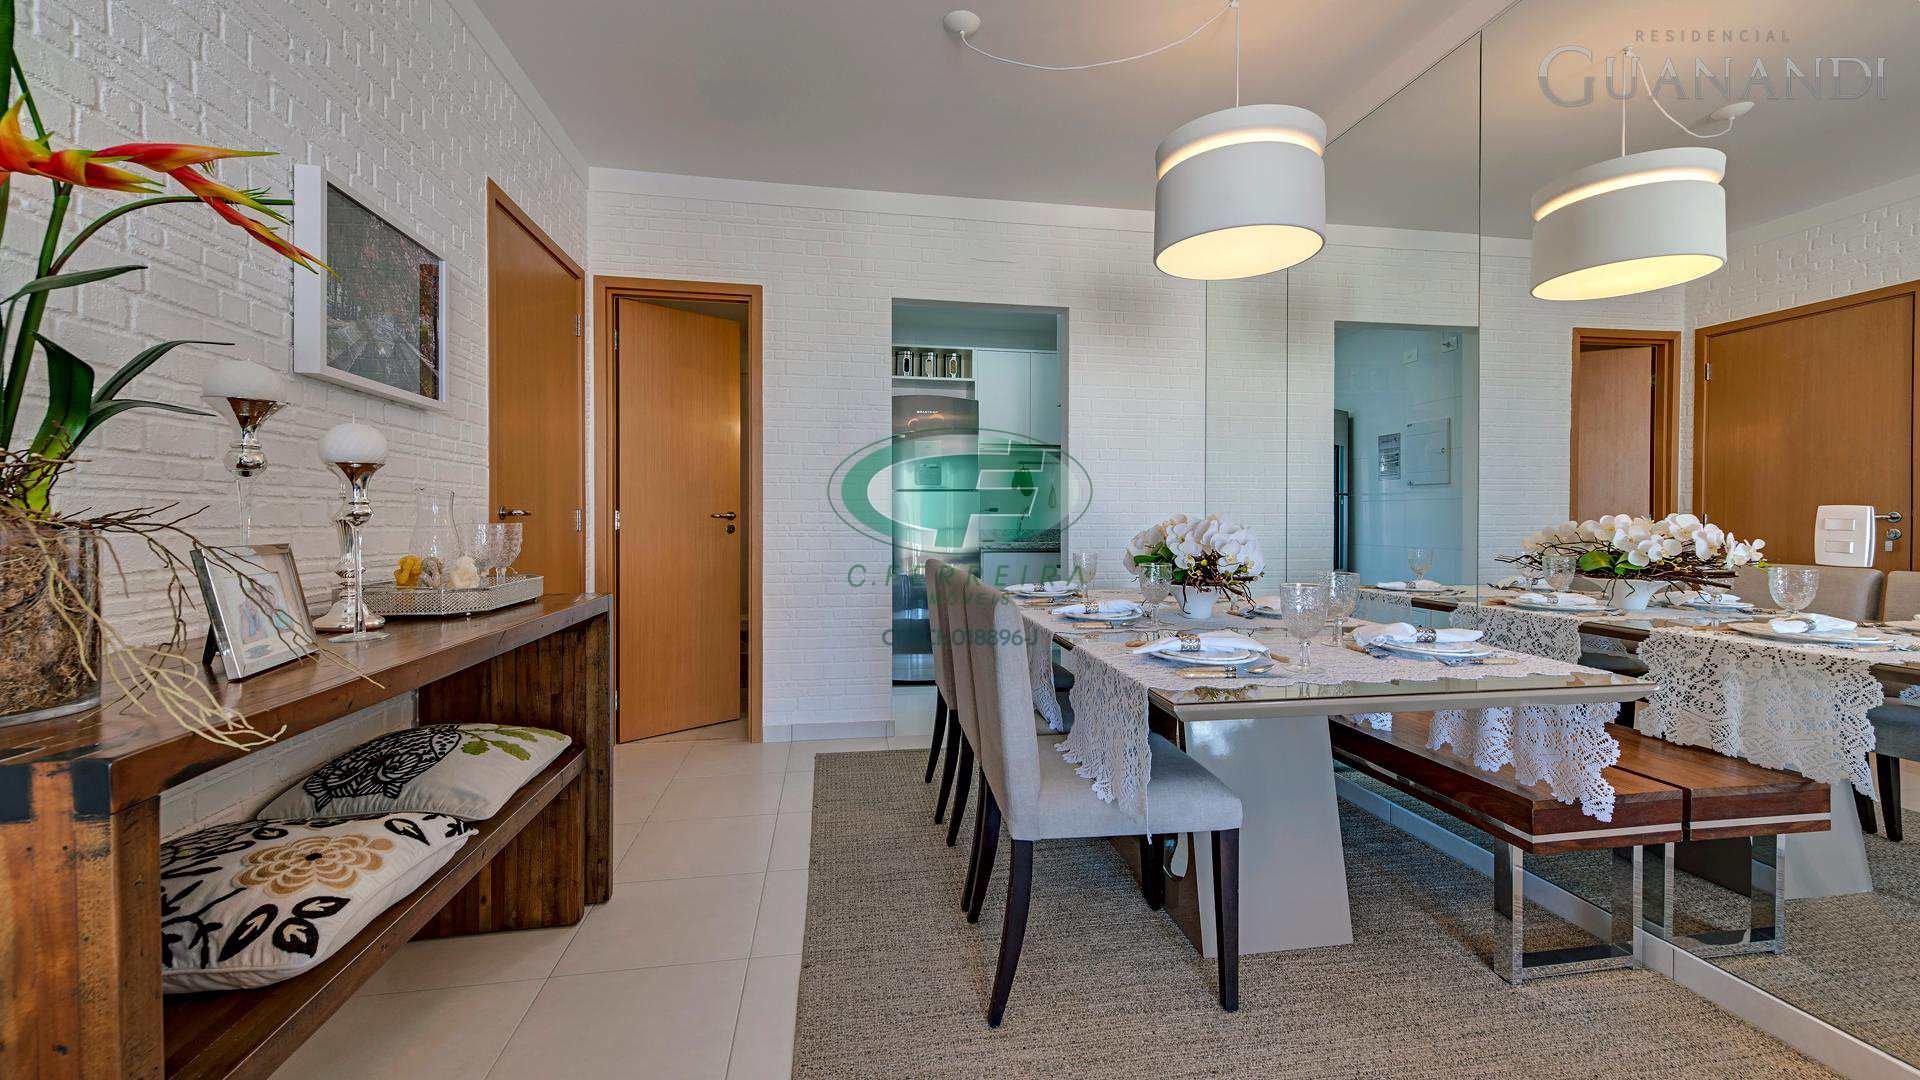 Residencial Guanandi - Rua Bahia, 111, Gonzaga, Santos, SP,  -Sala de estar e jantar com varanda mobiliável, lavabo, 2 suítes, cozinha e área de serviço.